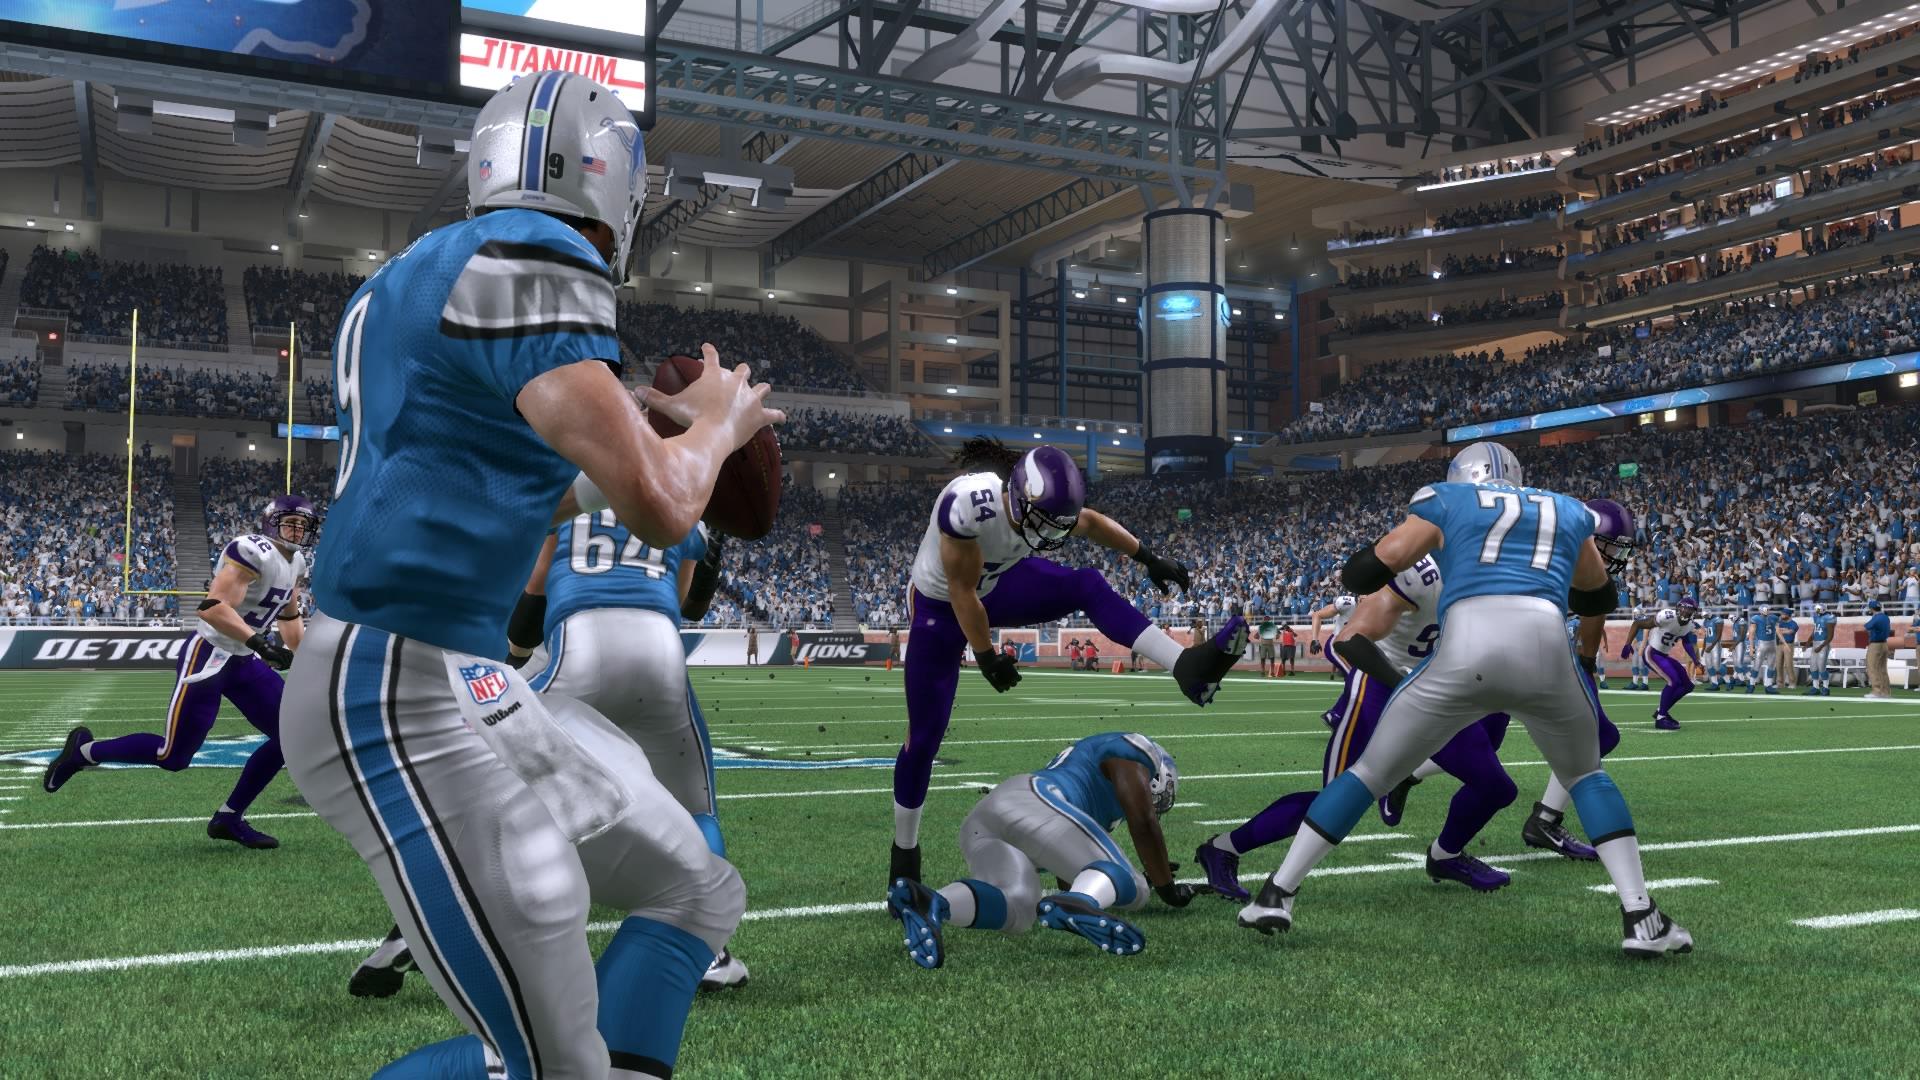 madden 18 detroit lions full player ratings madden school rh madden school com Madden 16 Madden 25 Xbox One